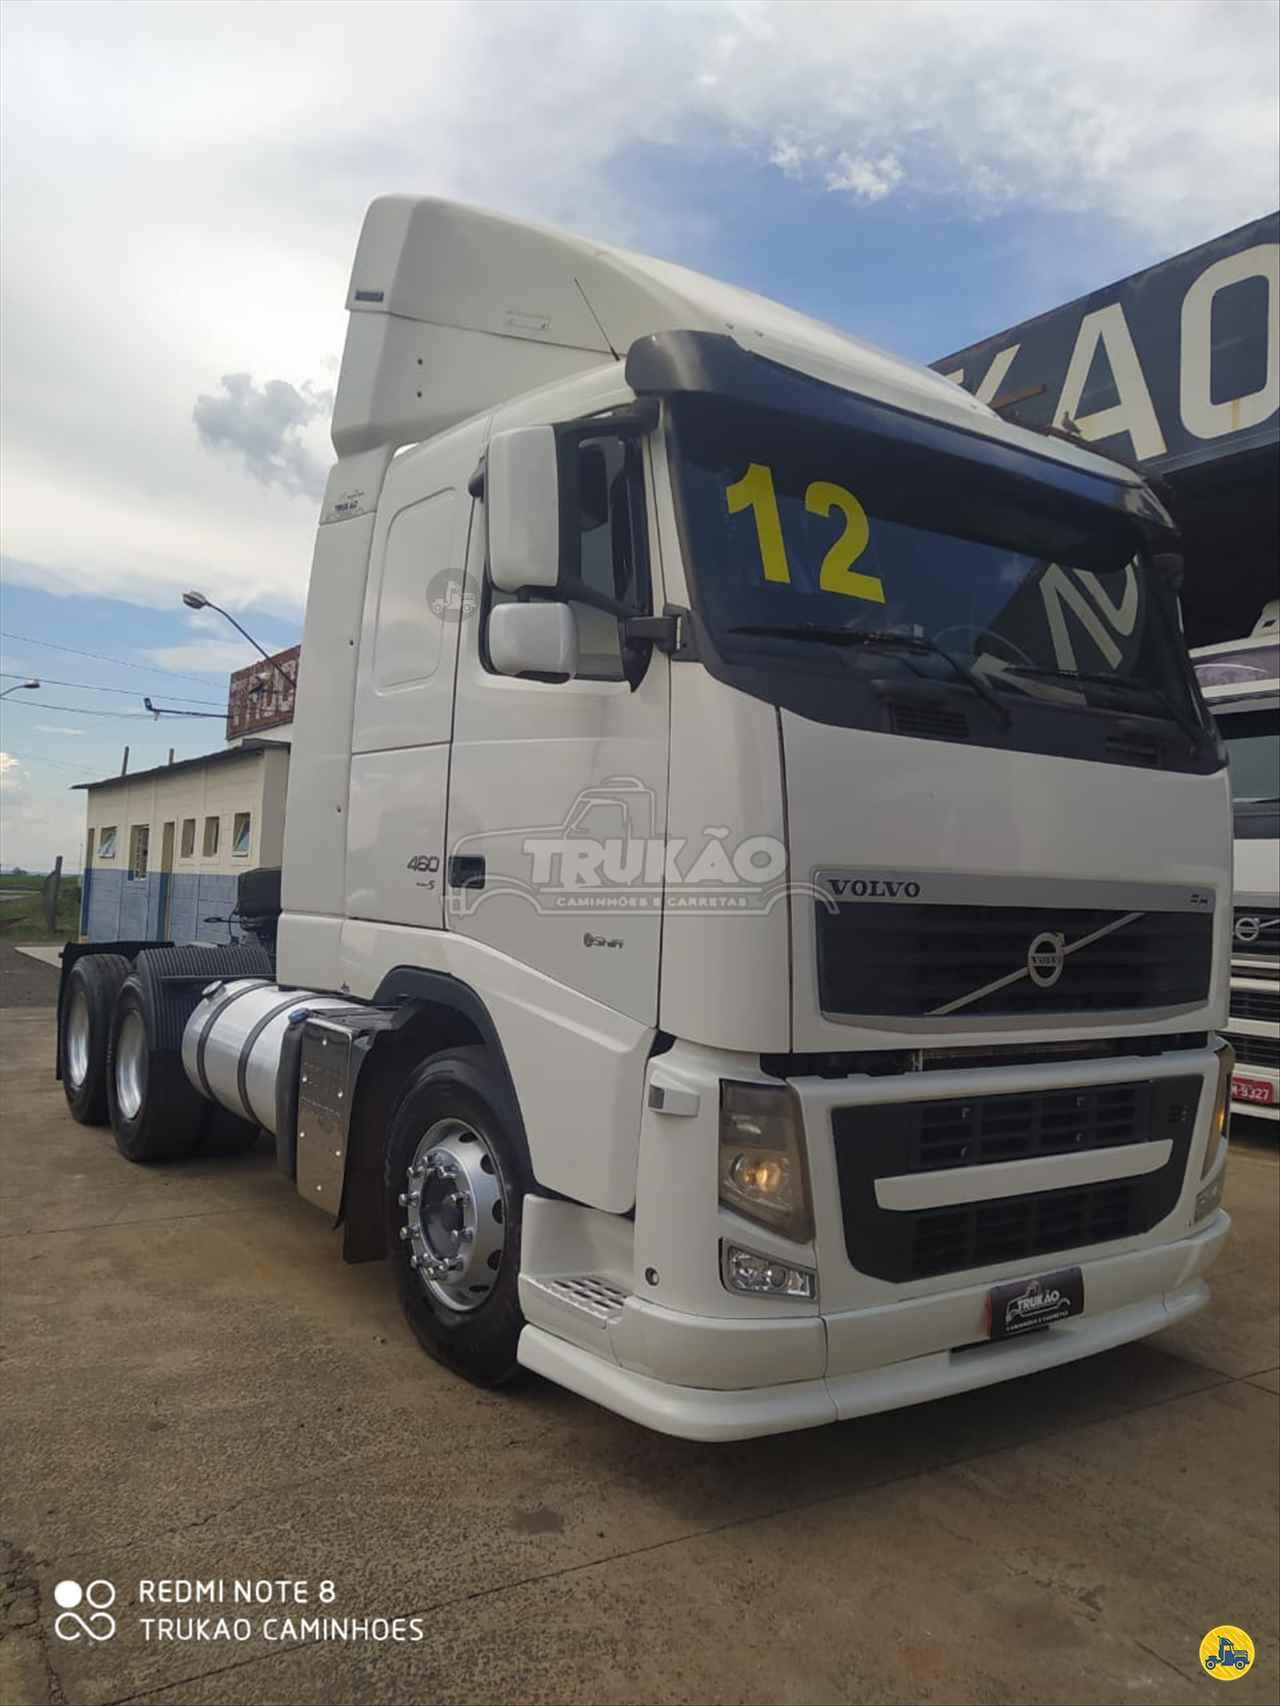 CAMINHAO VOLVO VOLVO FH 460 Cavalo Mecânico Truck 6x2 Trukão Caminhões JACUTINGA MINAS GERAIS MG